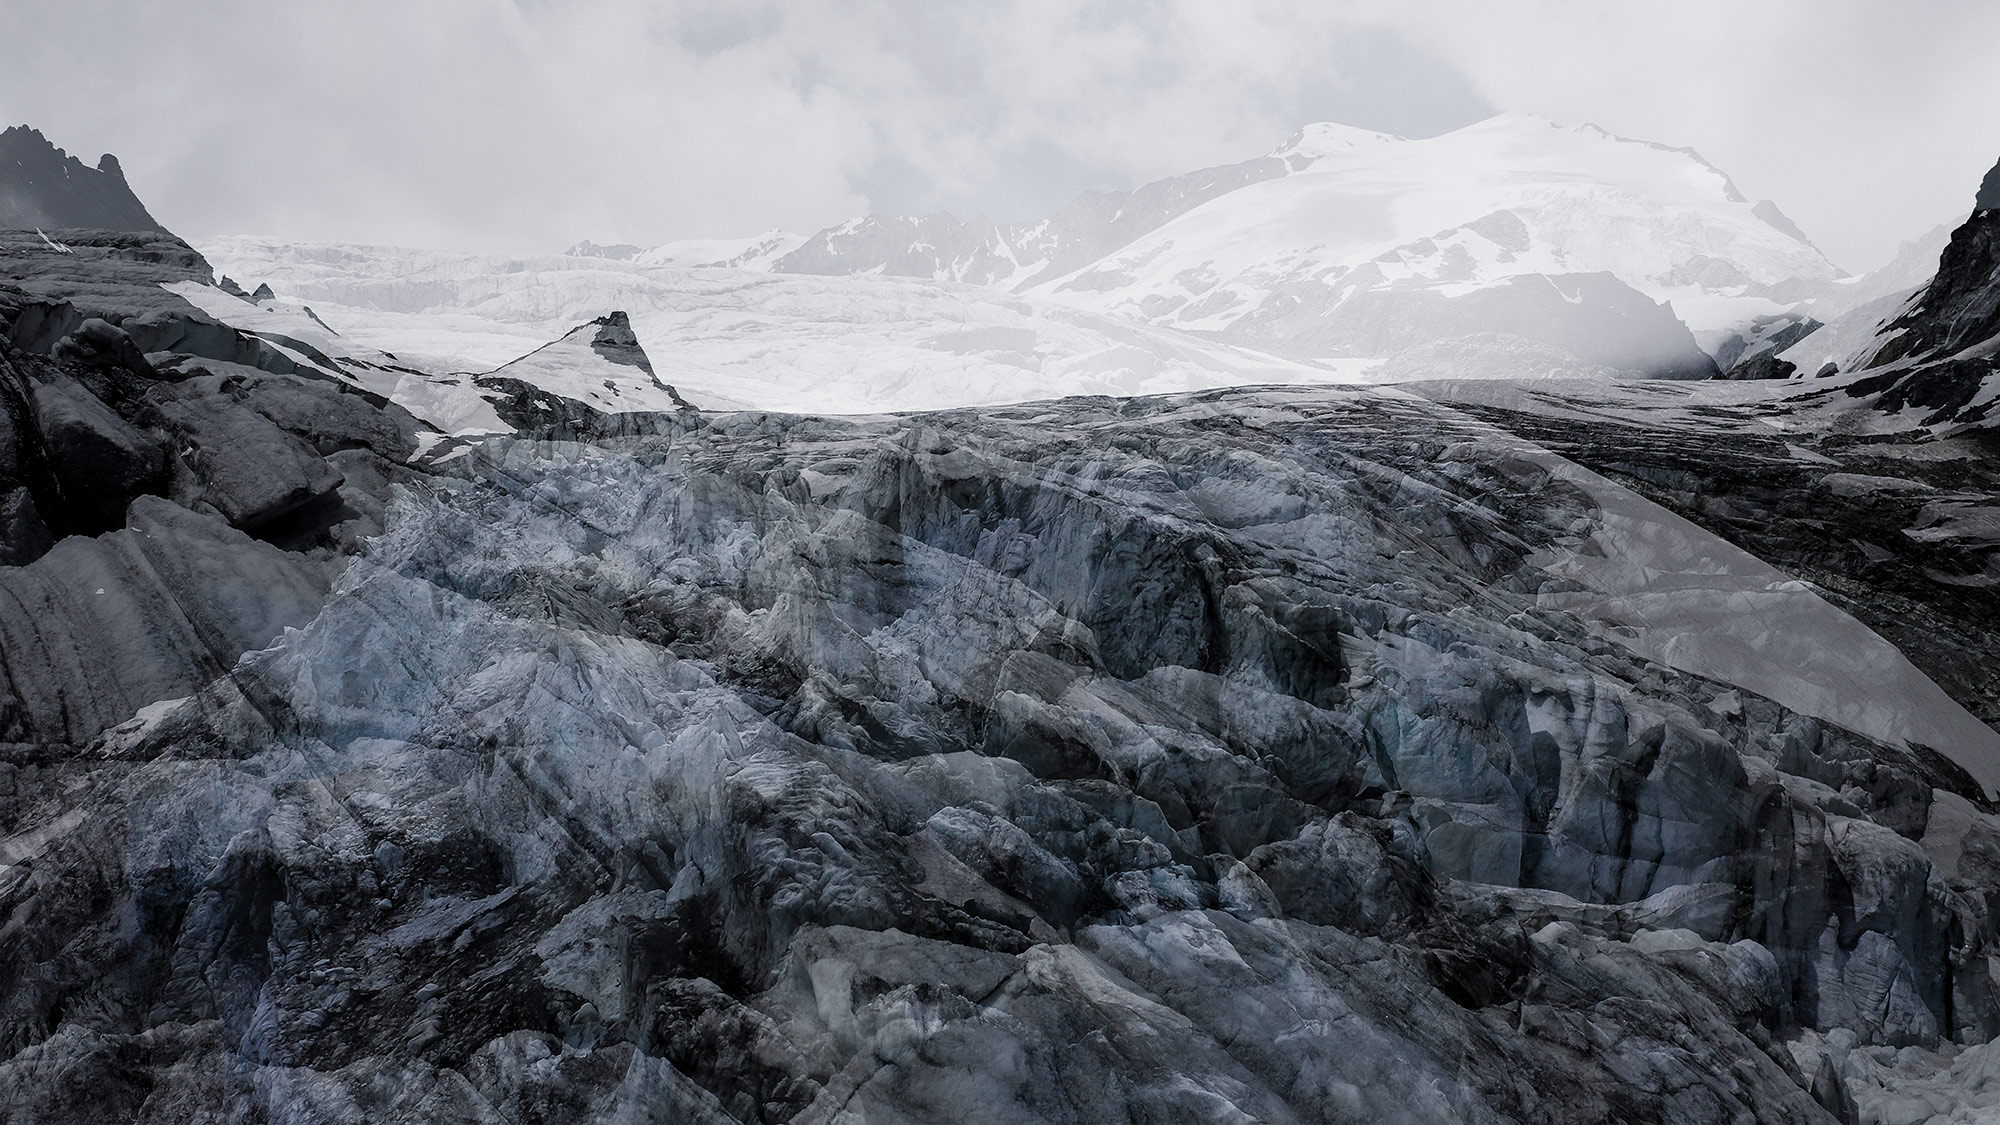 #174 Glaciers offset, 2020, photographie reconstruite à partir de bandes videos, réalisées sur le glacier du Mont Collon et du Mont Miné